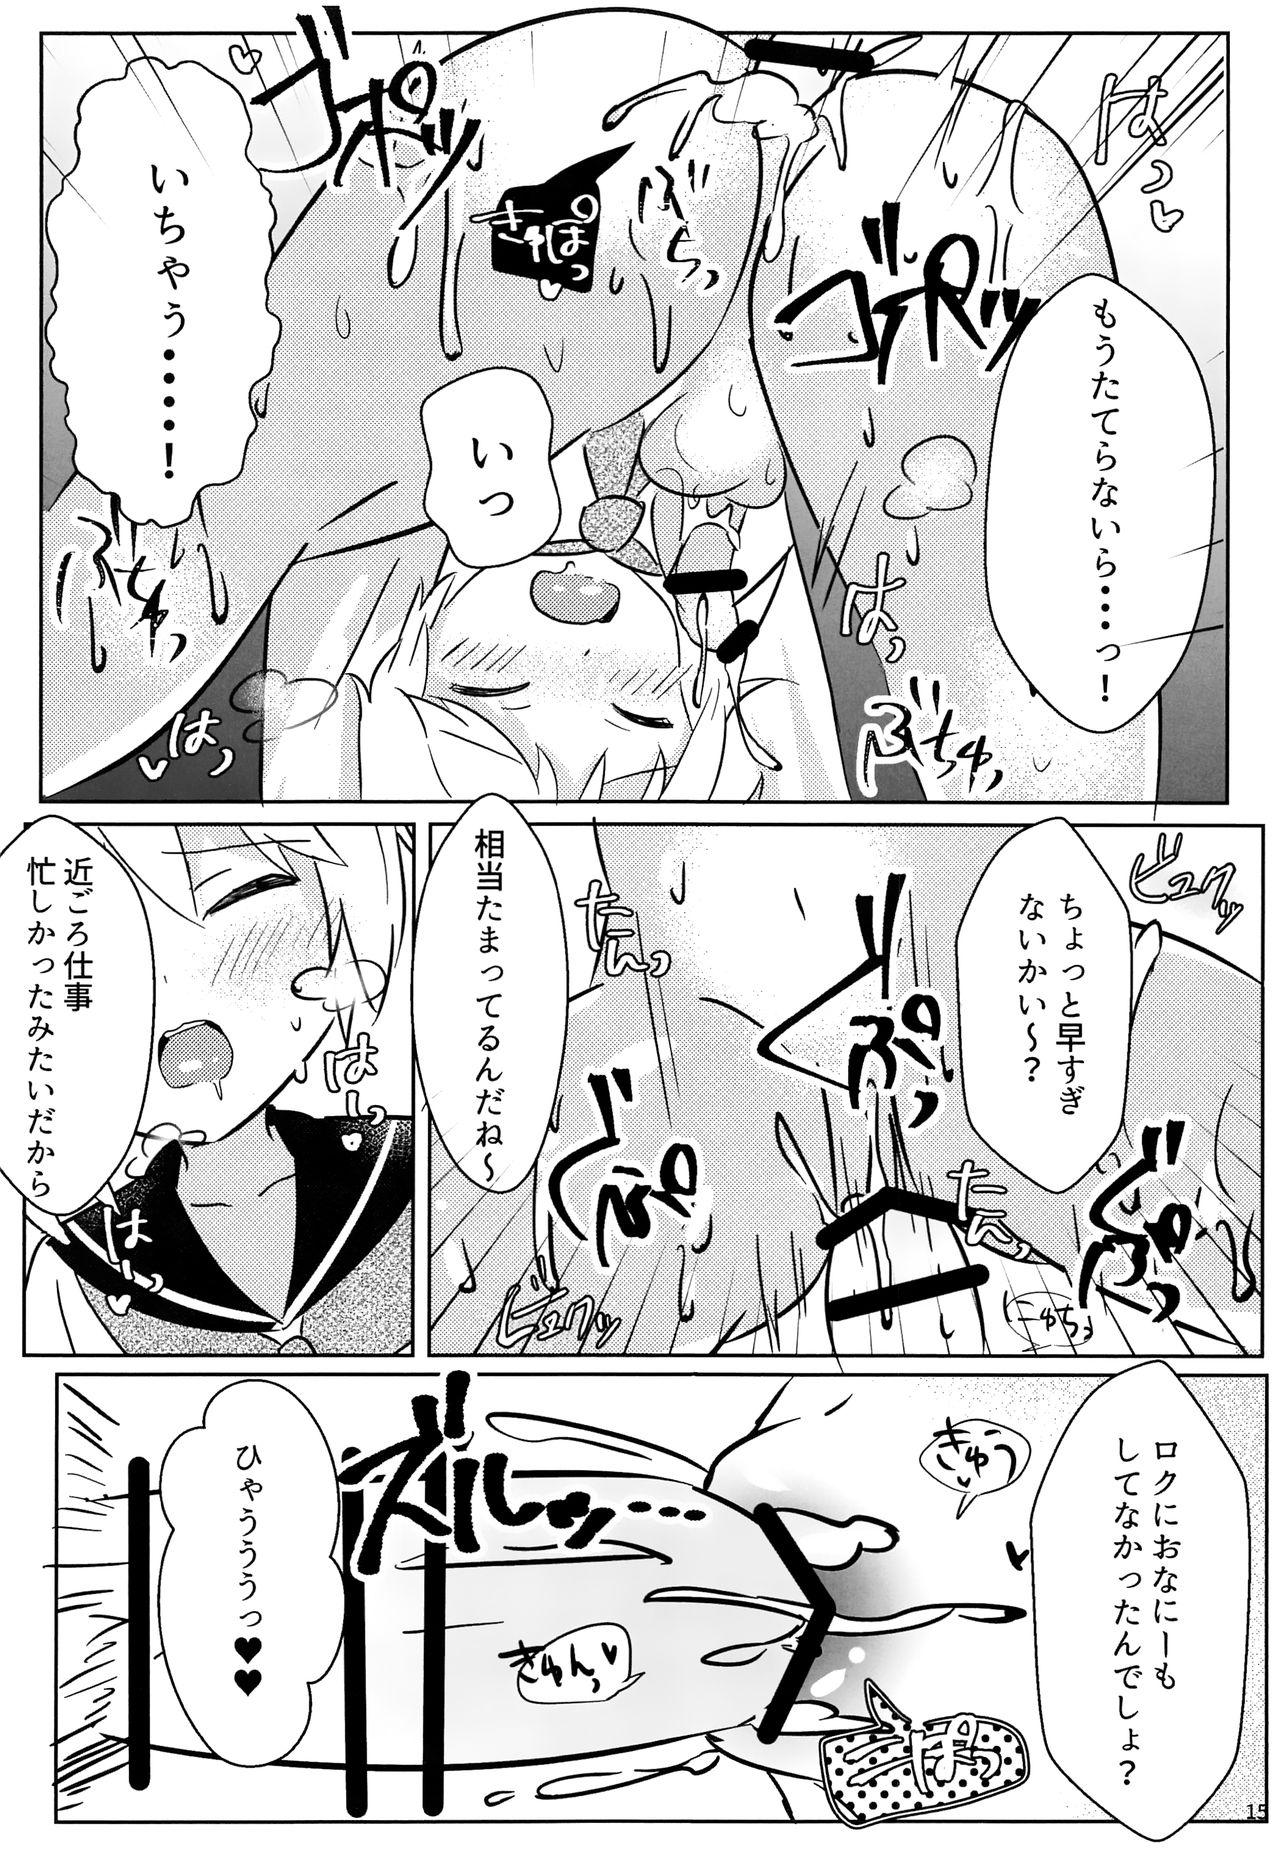 Nazuna-kun to Ecchi 14